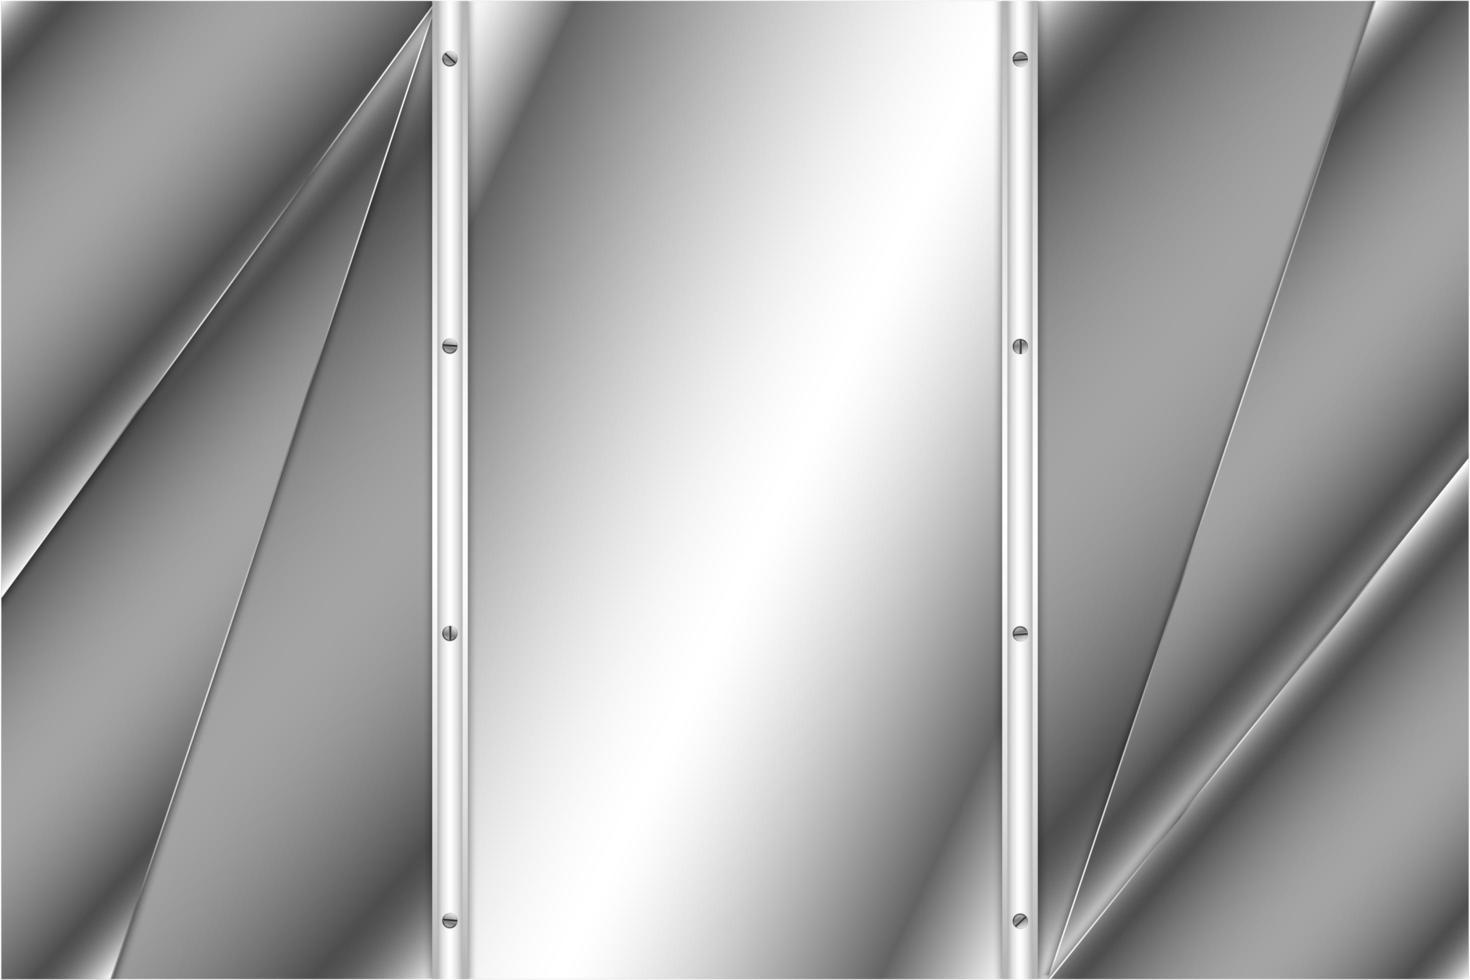 metallic zilver luxe metaal modern design. vector